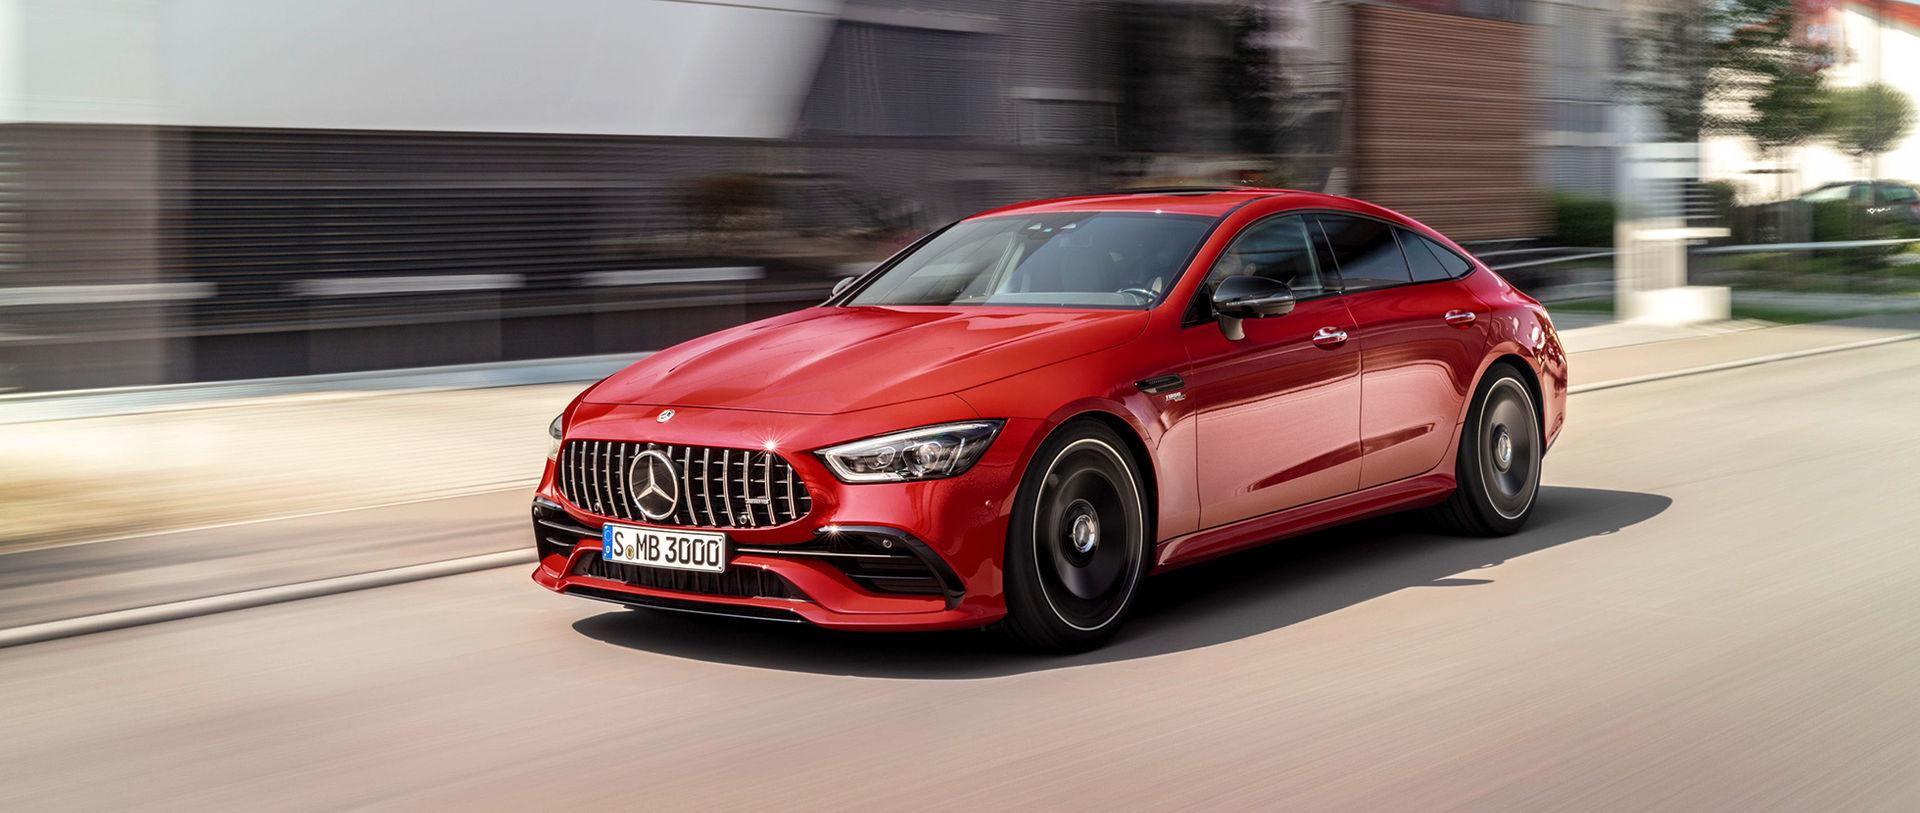 Priser klara för 4-dörrars AMG GT och A-Klass Sedan